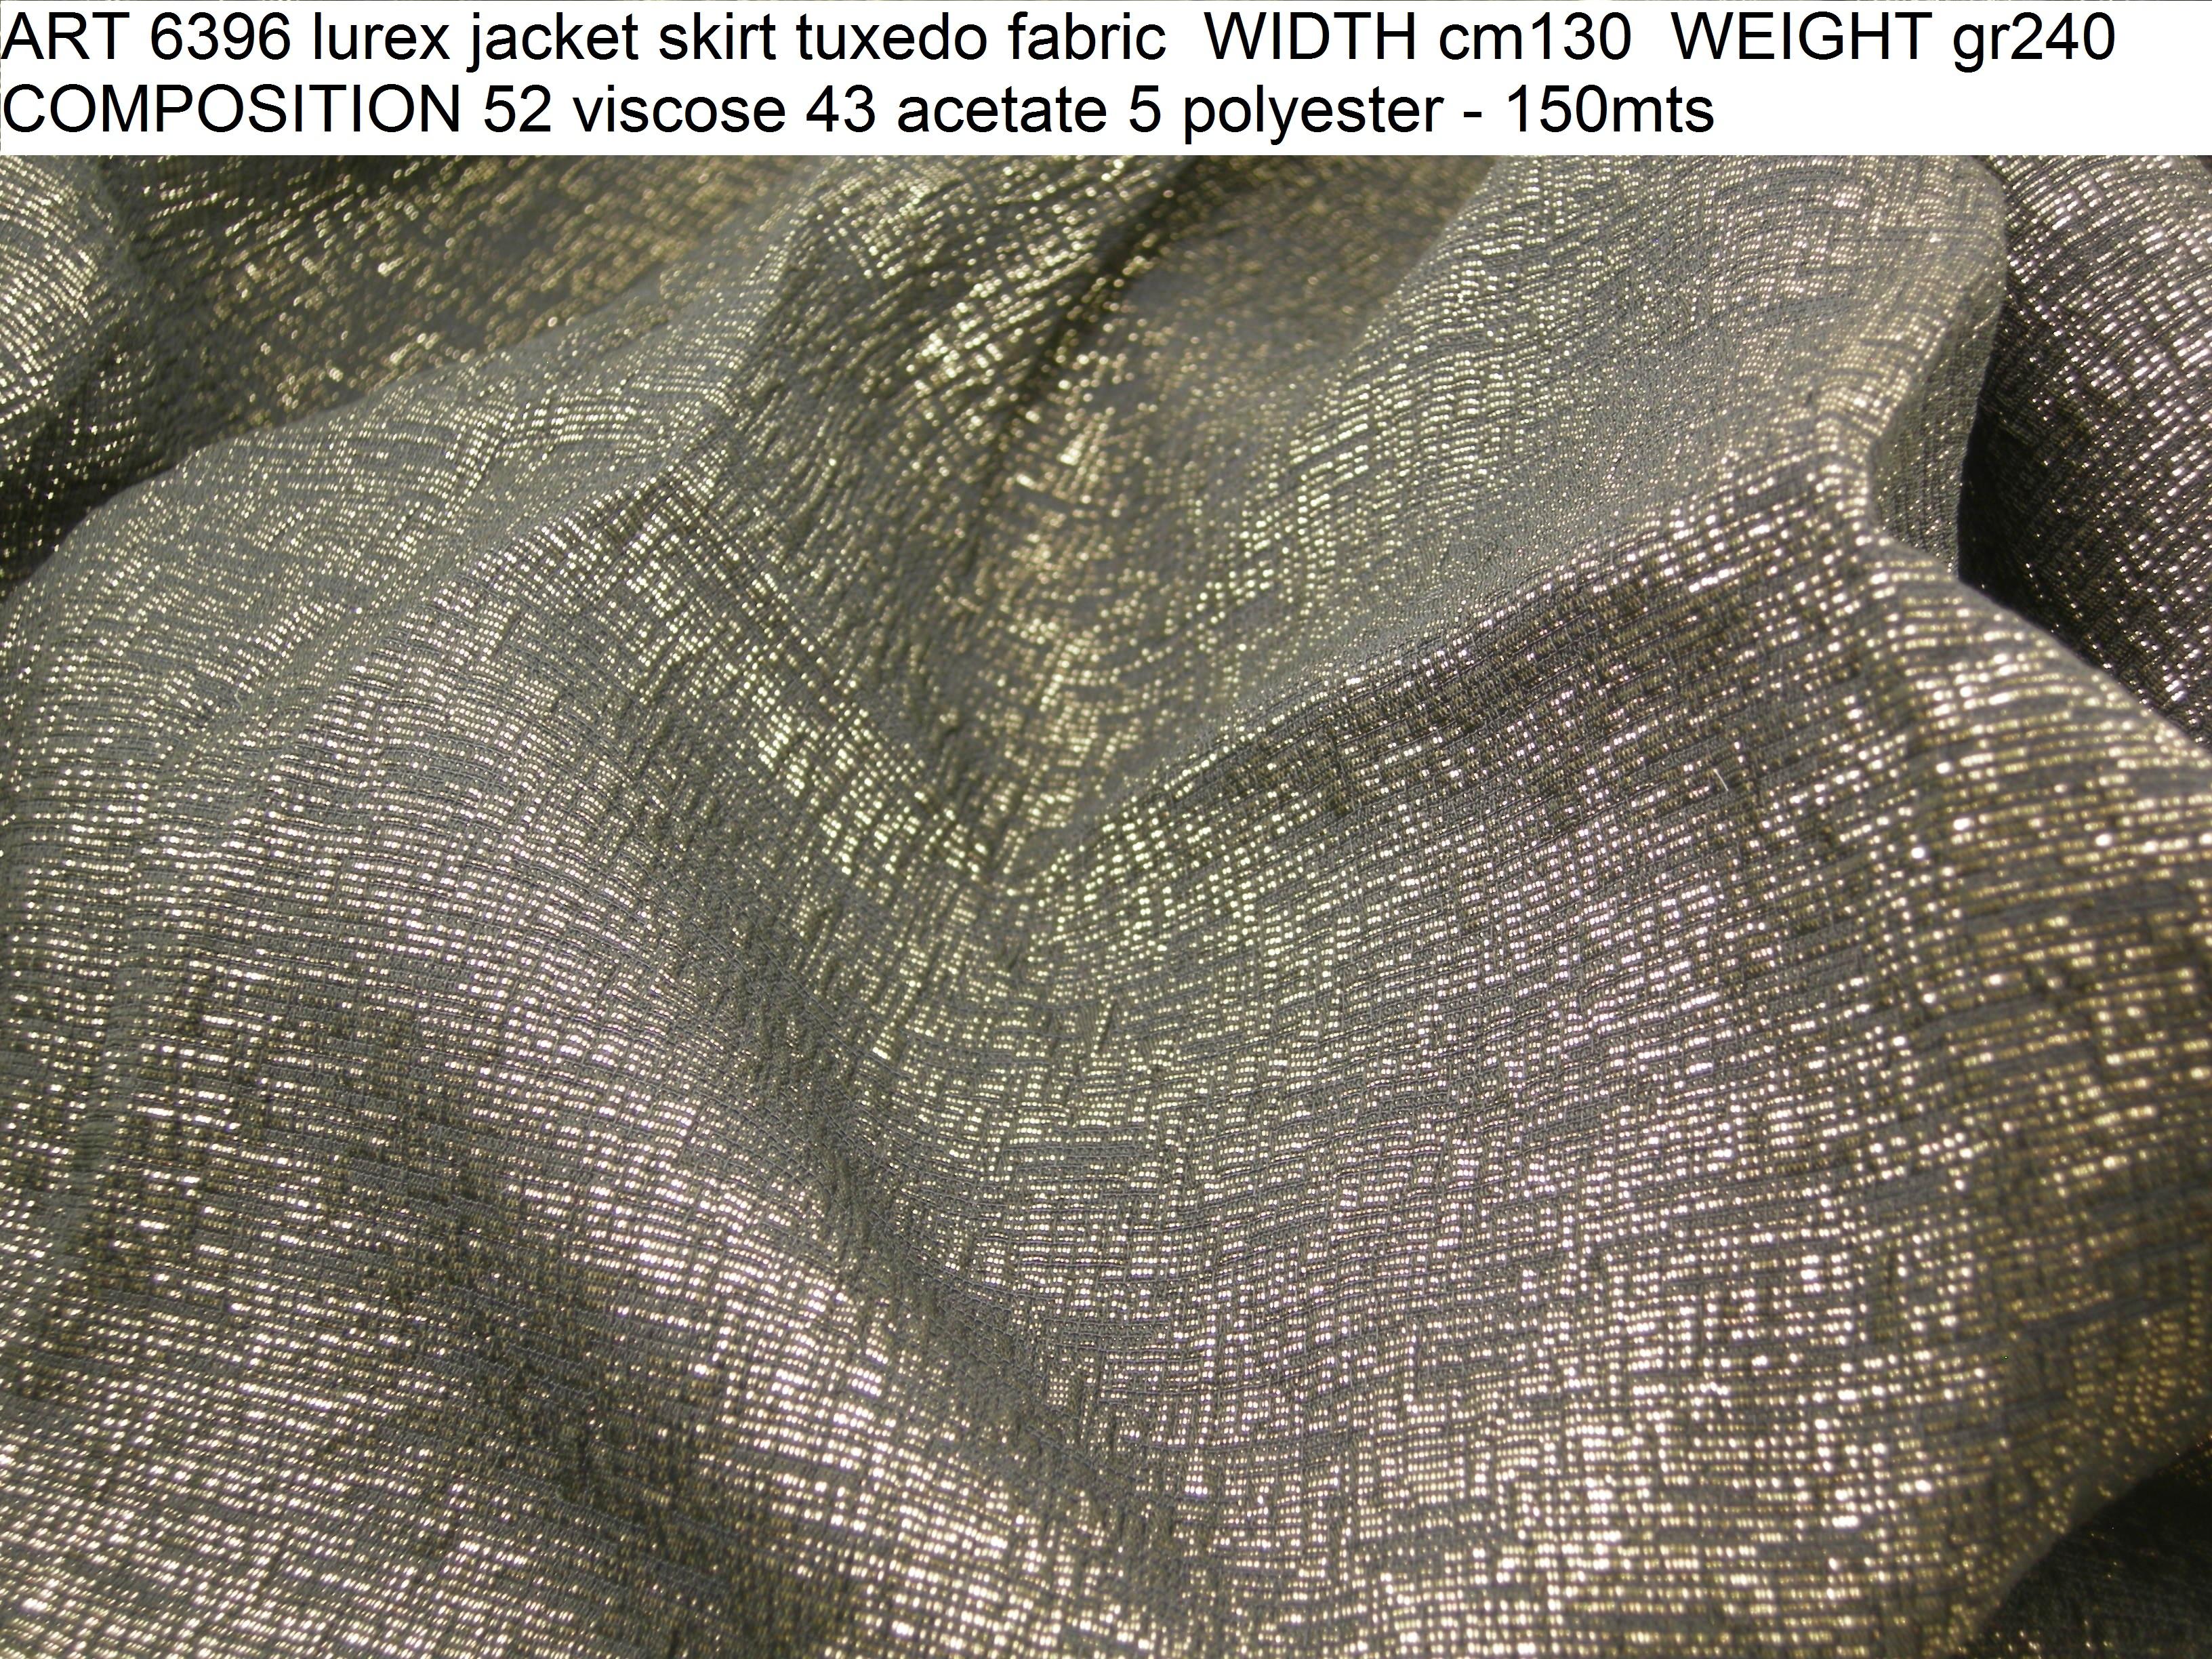 ART 6396 lurex jacket skirt tuxedo fabric WIDTH cm130 WEIGHT gr240 COMPOSITION 52 viscose 43 acetate 5 polyester - 150mts